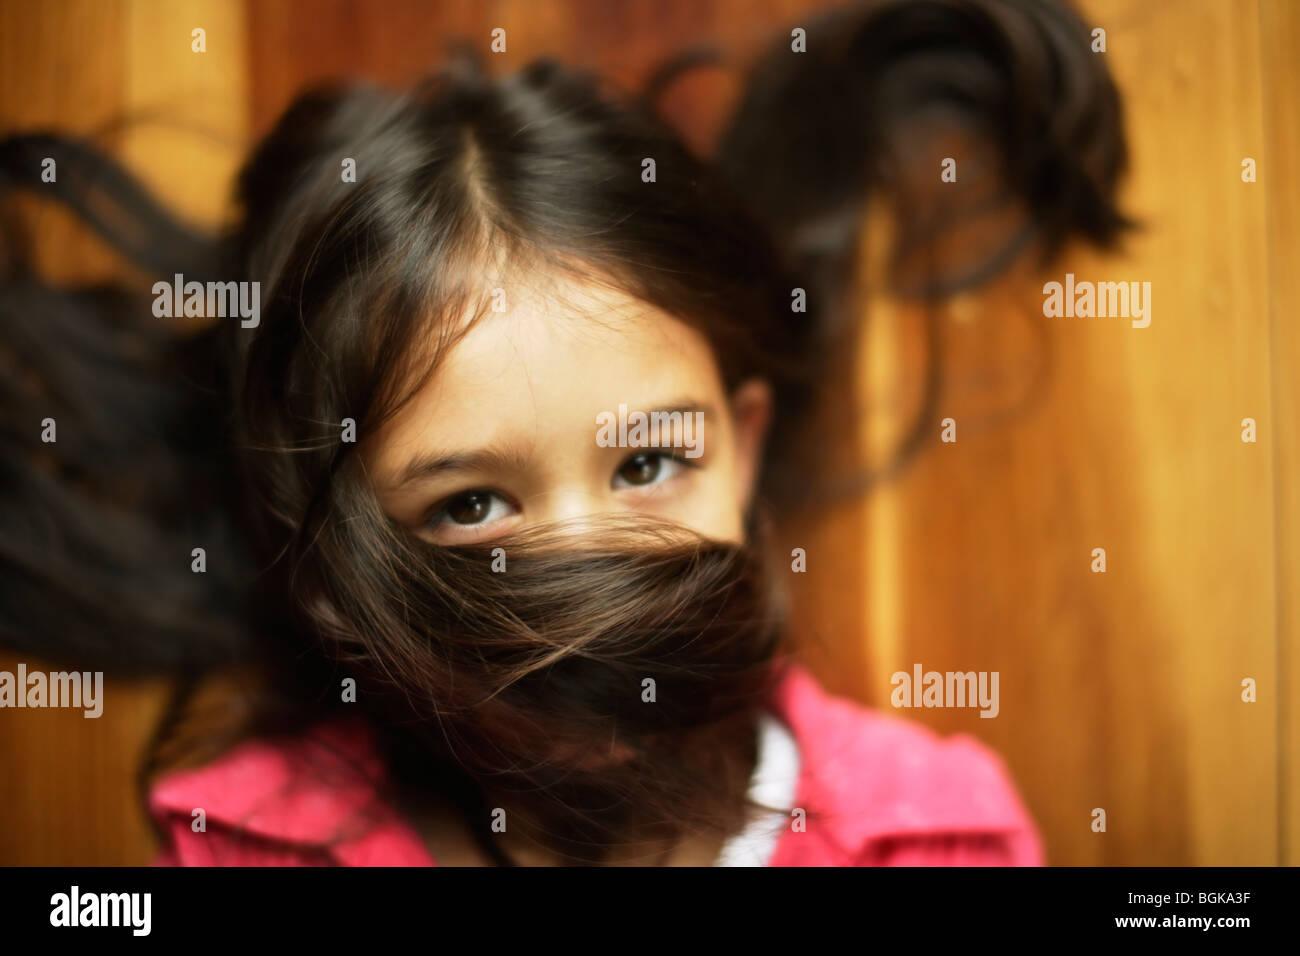 Mädchen von sechs Jahren mit Haaren über Gesicht Stockbild